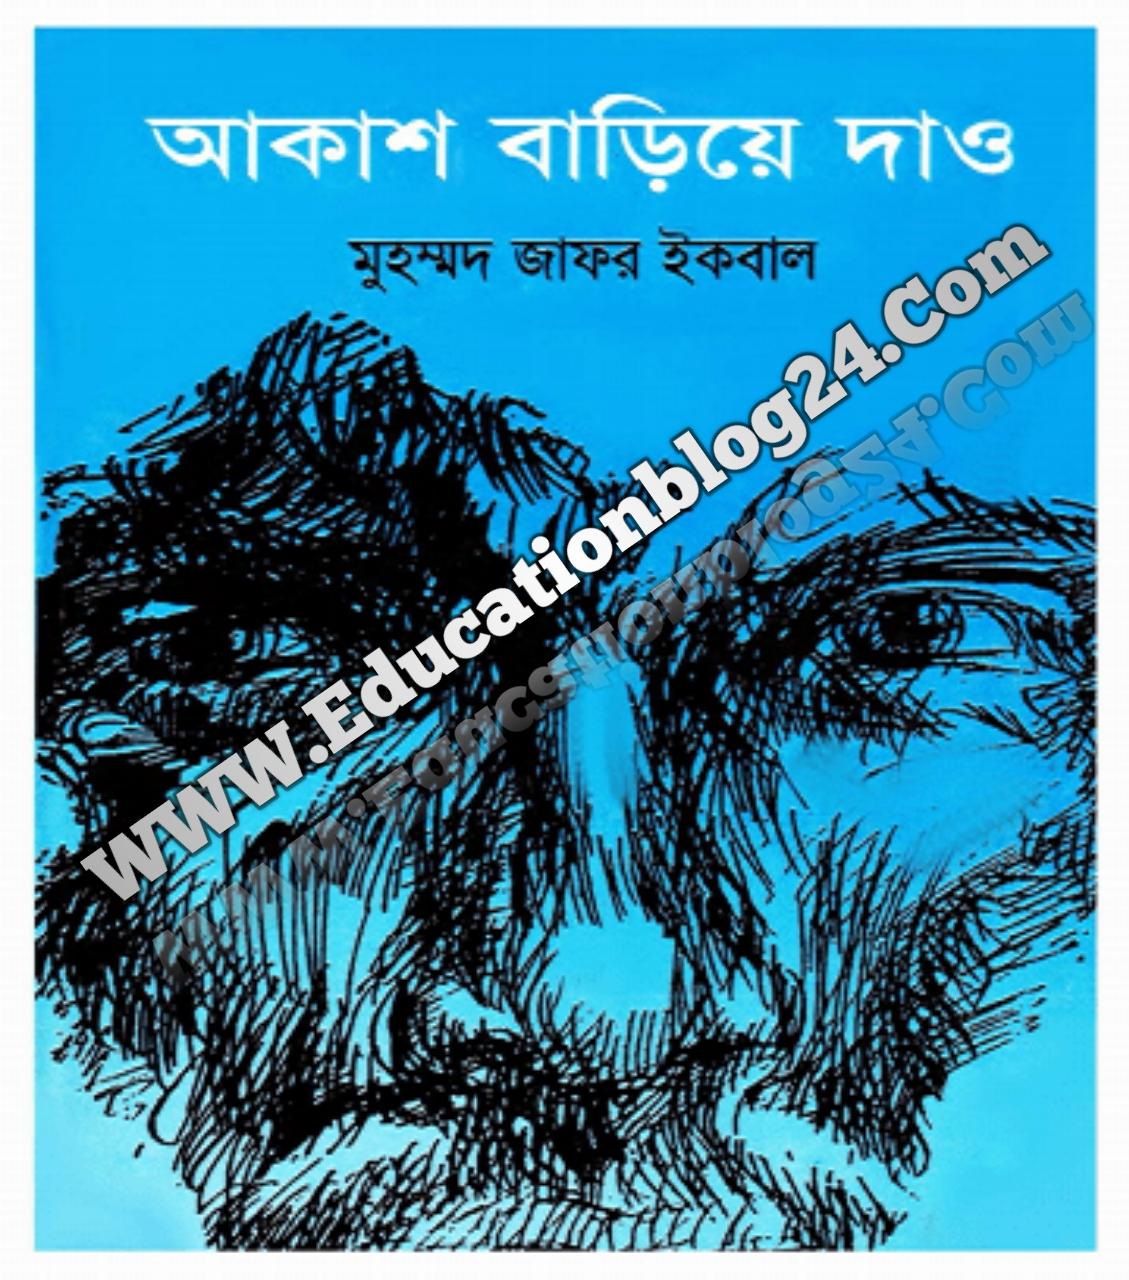 আকাশ বাড়িয়ে দাও Pdf Download - Akash Bariye Dio Book Pdf, আকাশ বাড়িয়ে দাও By জাফর ইকবাল